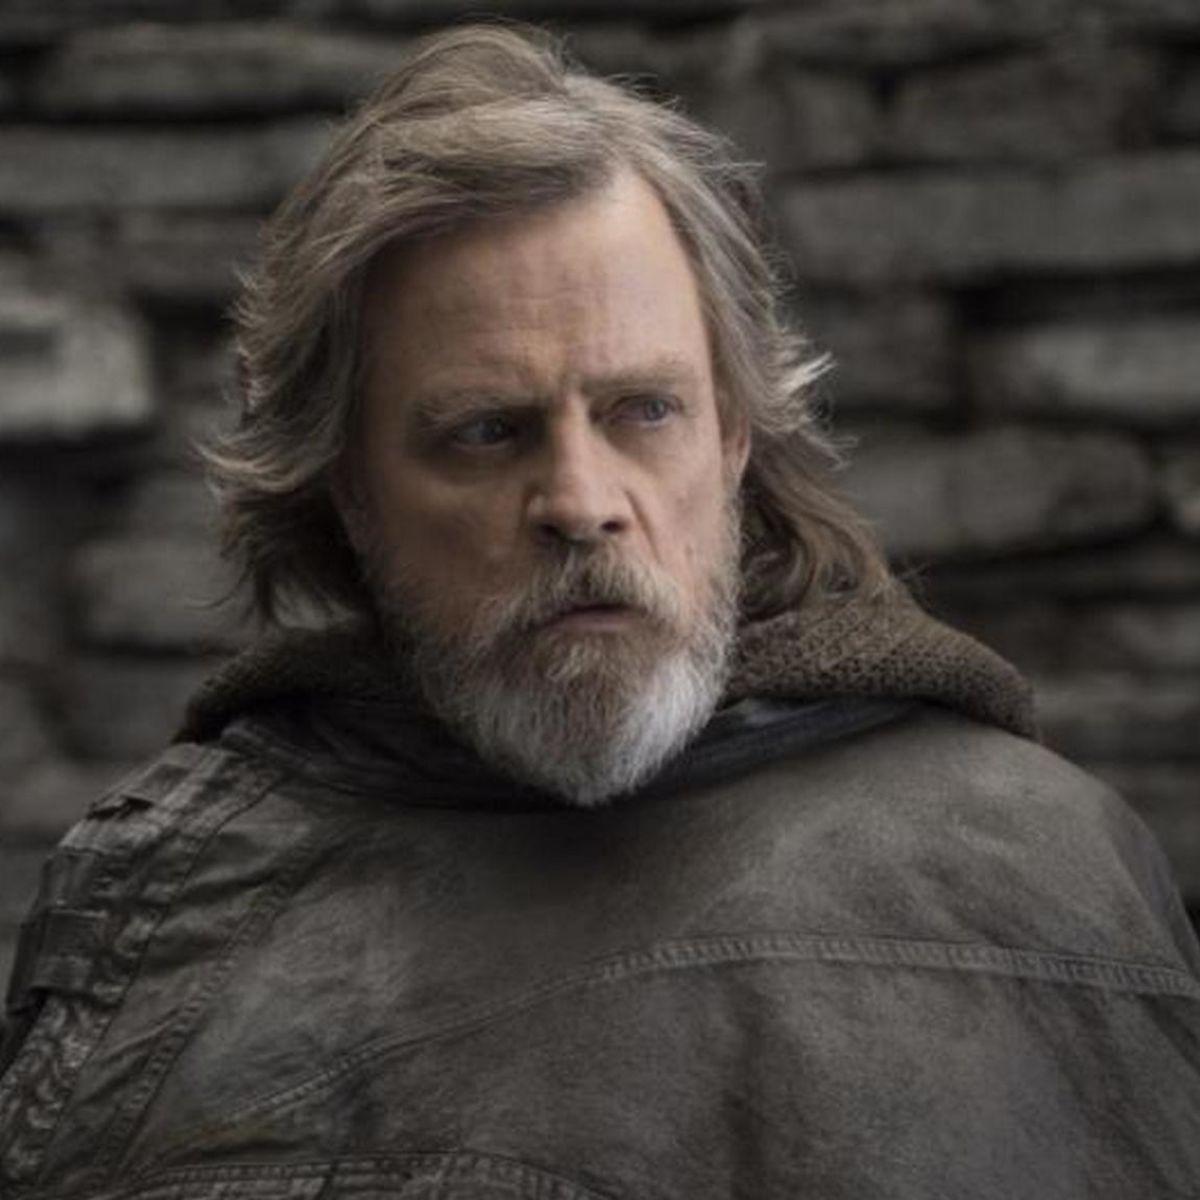 Mark Hamill in Star Wars The Last Jedi